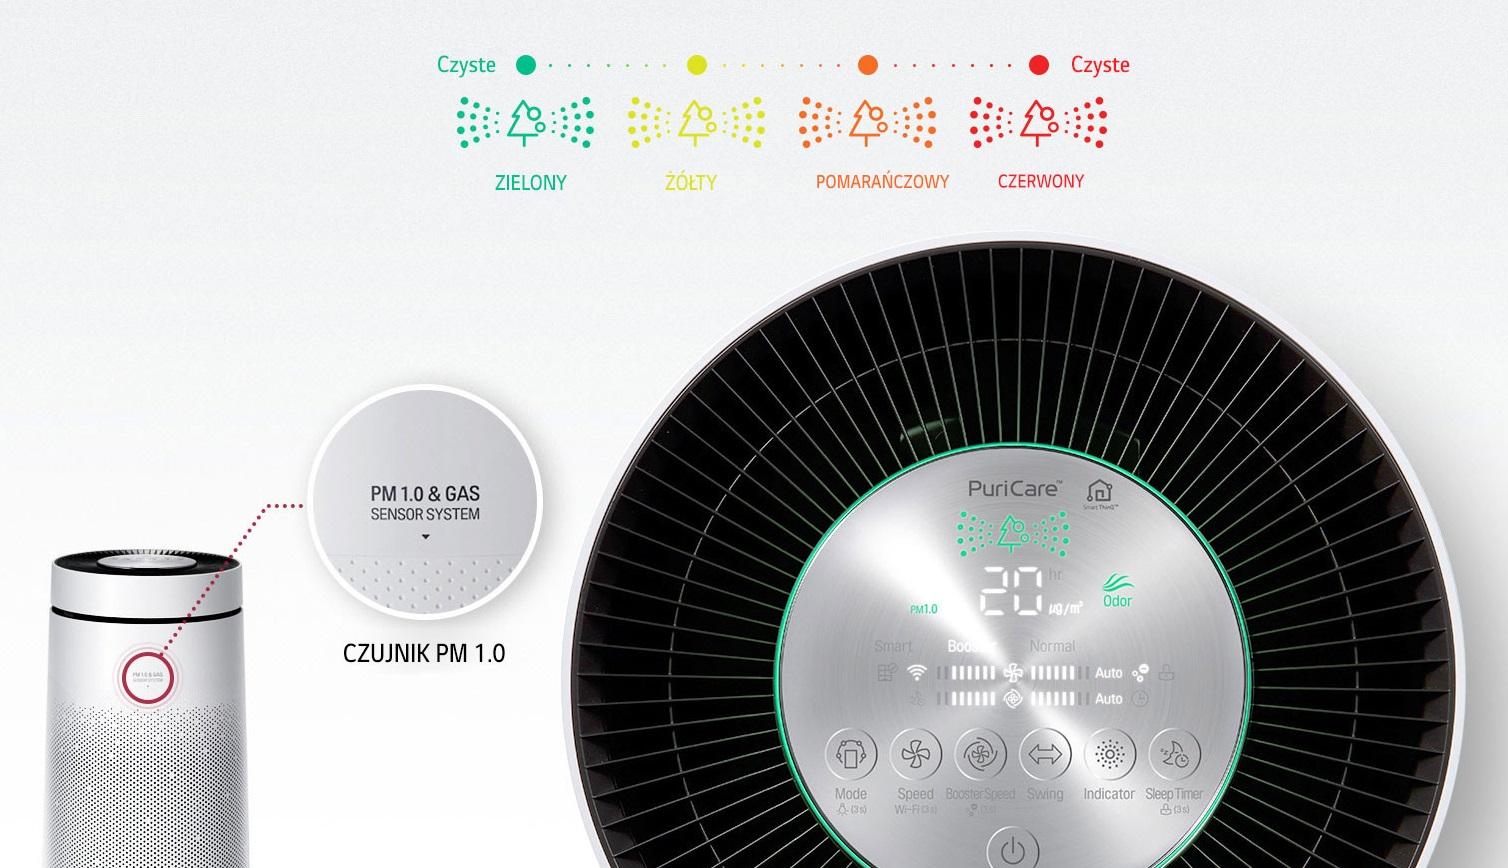 Czujnik jakości powietrza w oczyszczaczu LG AS95GDWV0.AEU Puri Care